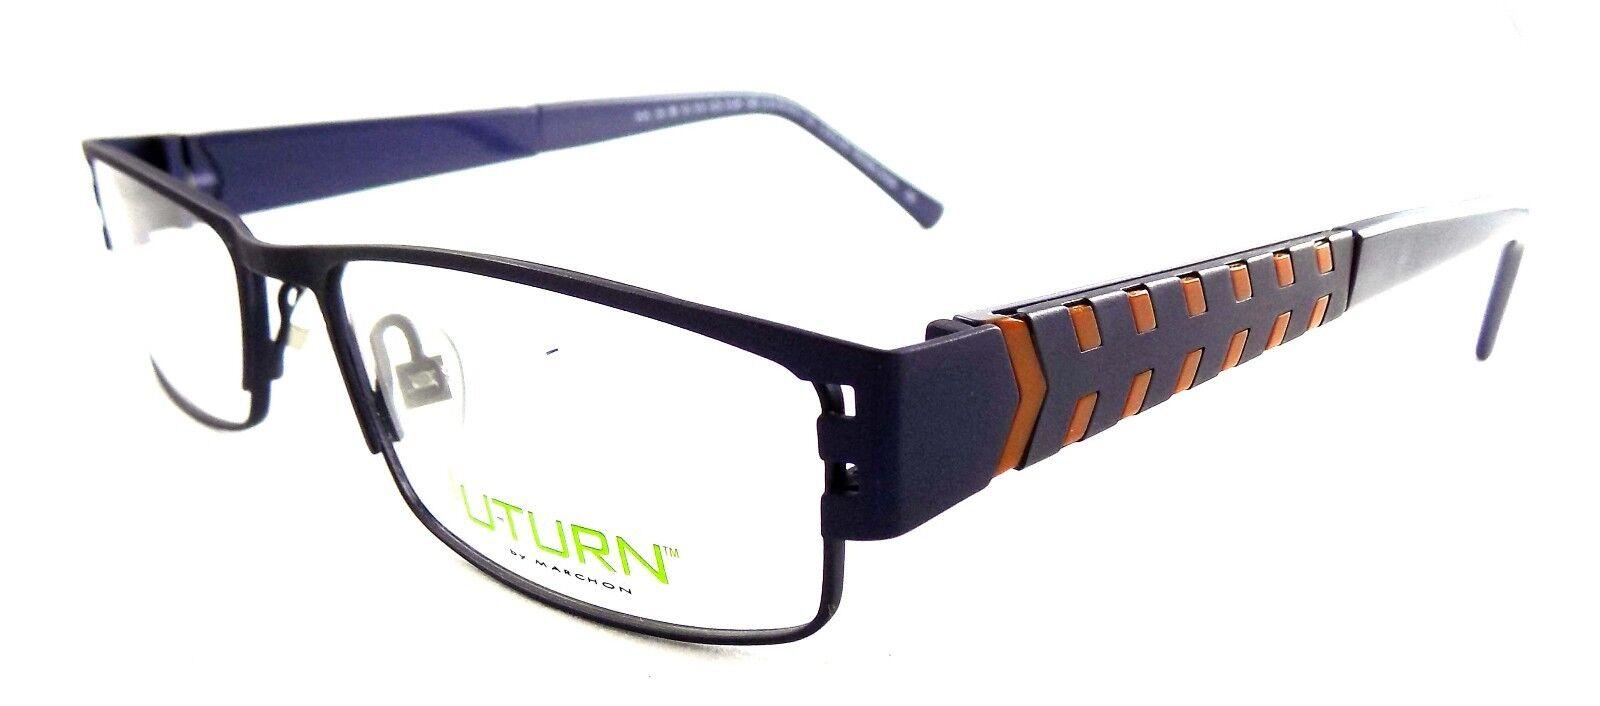 U-Turn by Marchon Rx Eyeglasses 2-in-1 Frames 116 414 Blue Tread ...